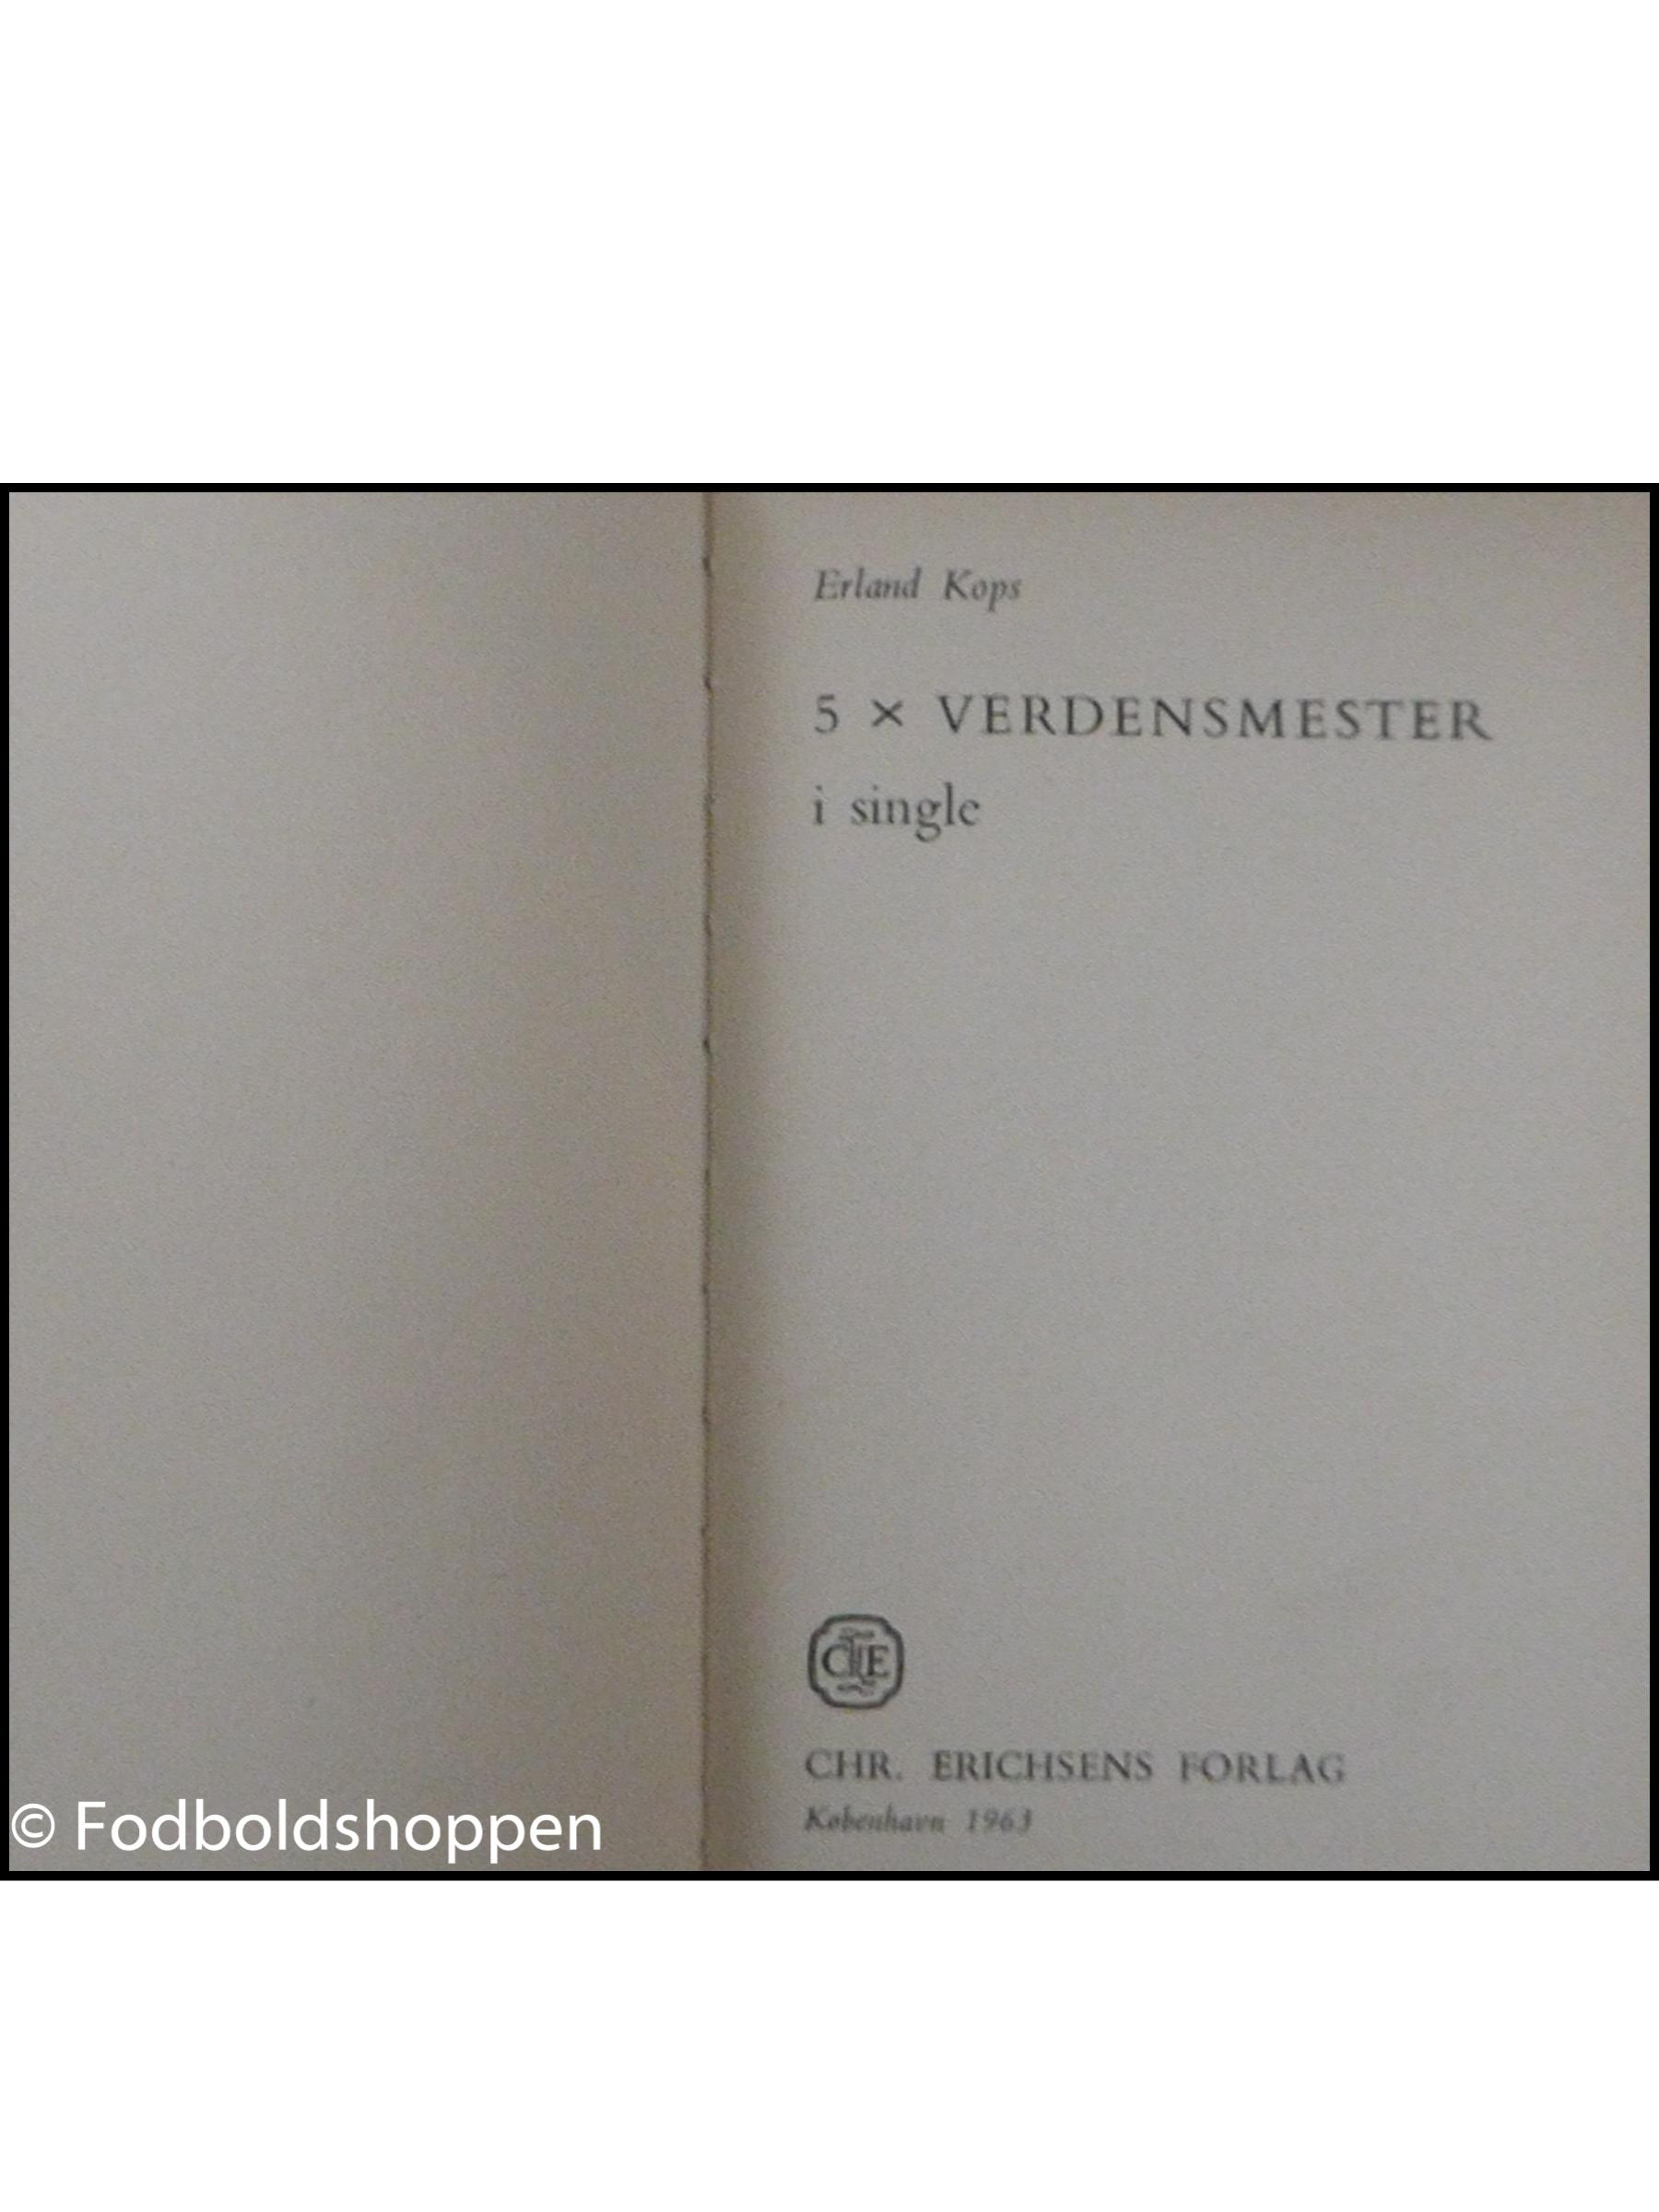 Erland Kops - 5 x verdensmester